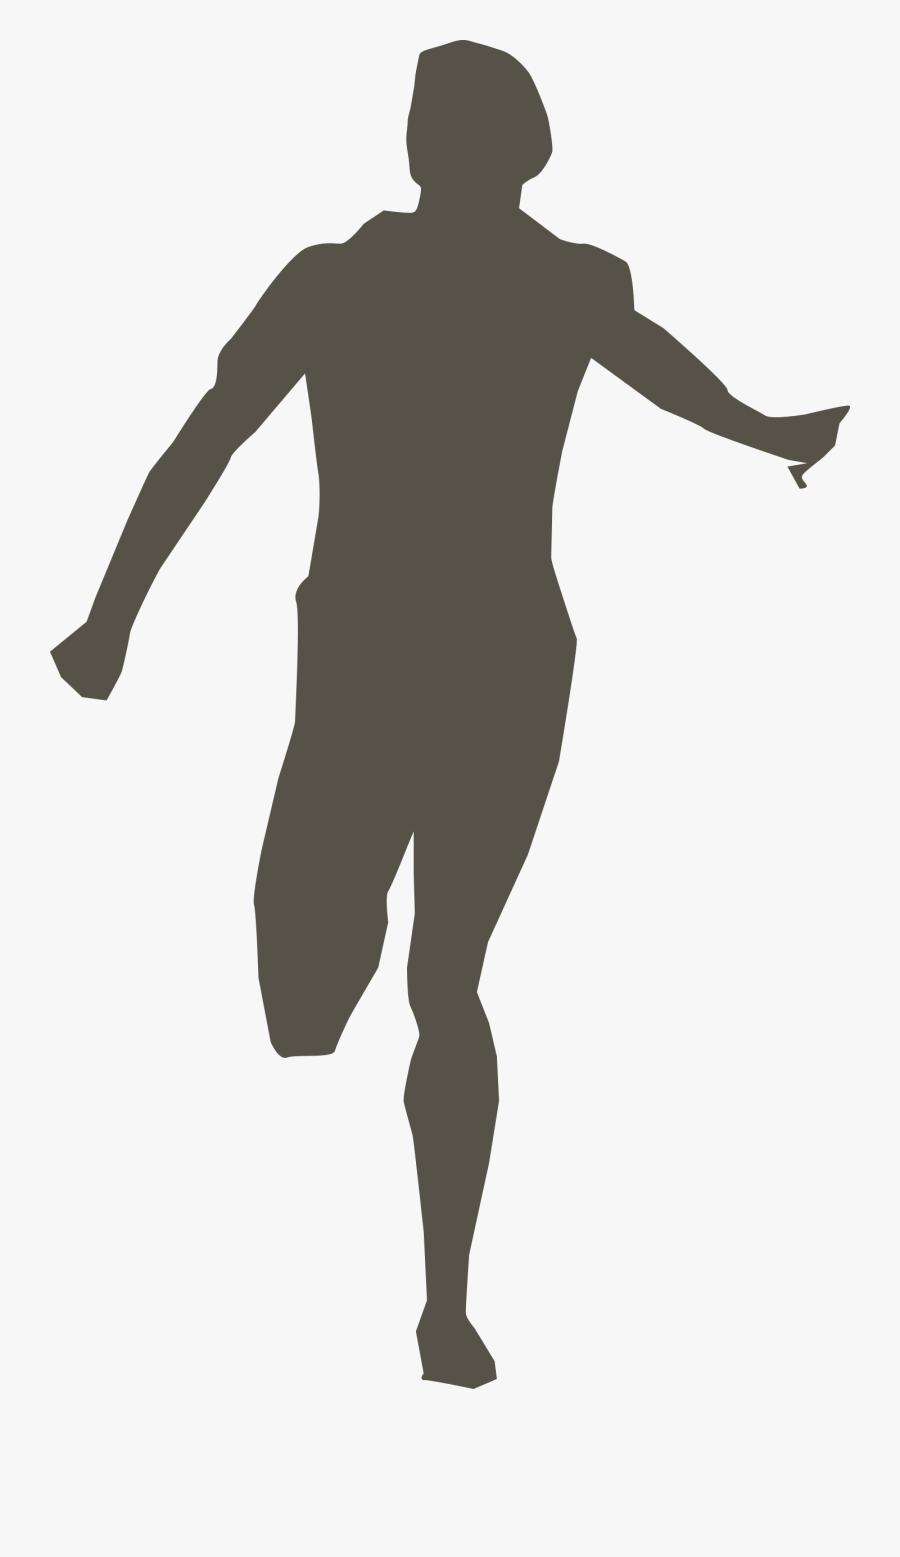 Runner Clip Art - Clipart Runner Silhouette Png, Transparent Clipart